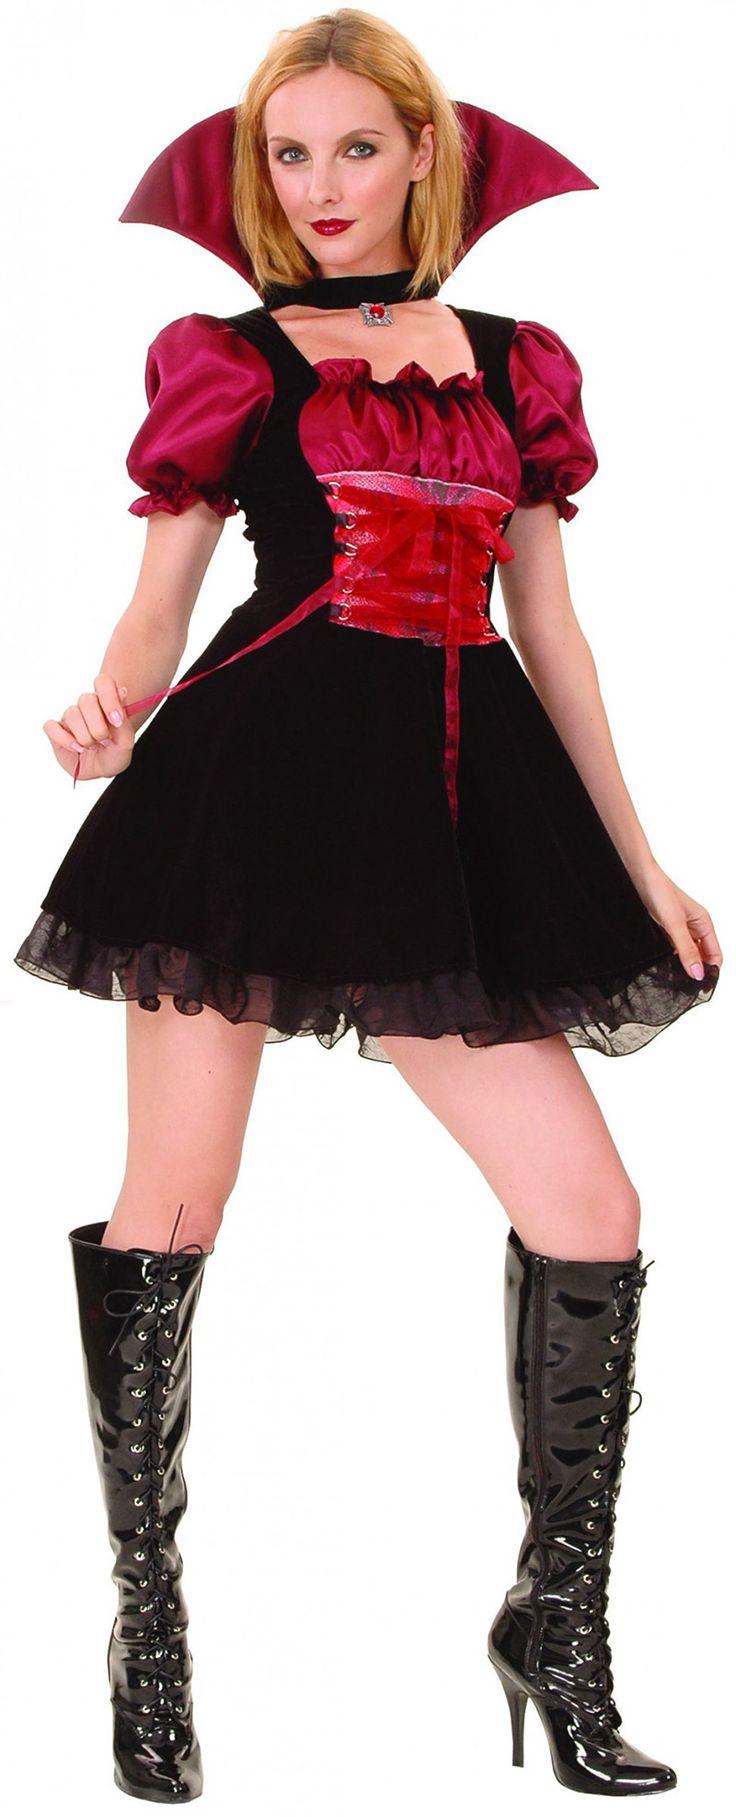 Disfraces de Halloween para mujer / Halloween costumes